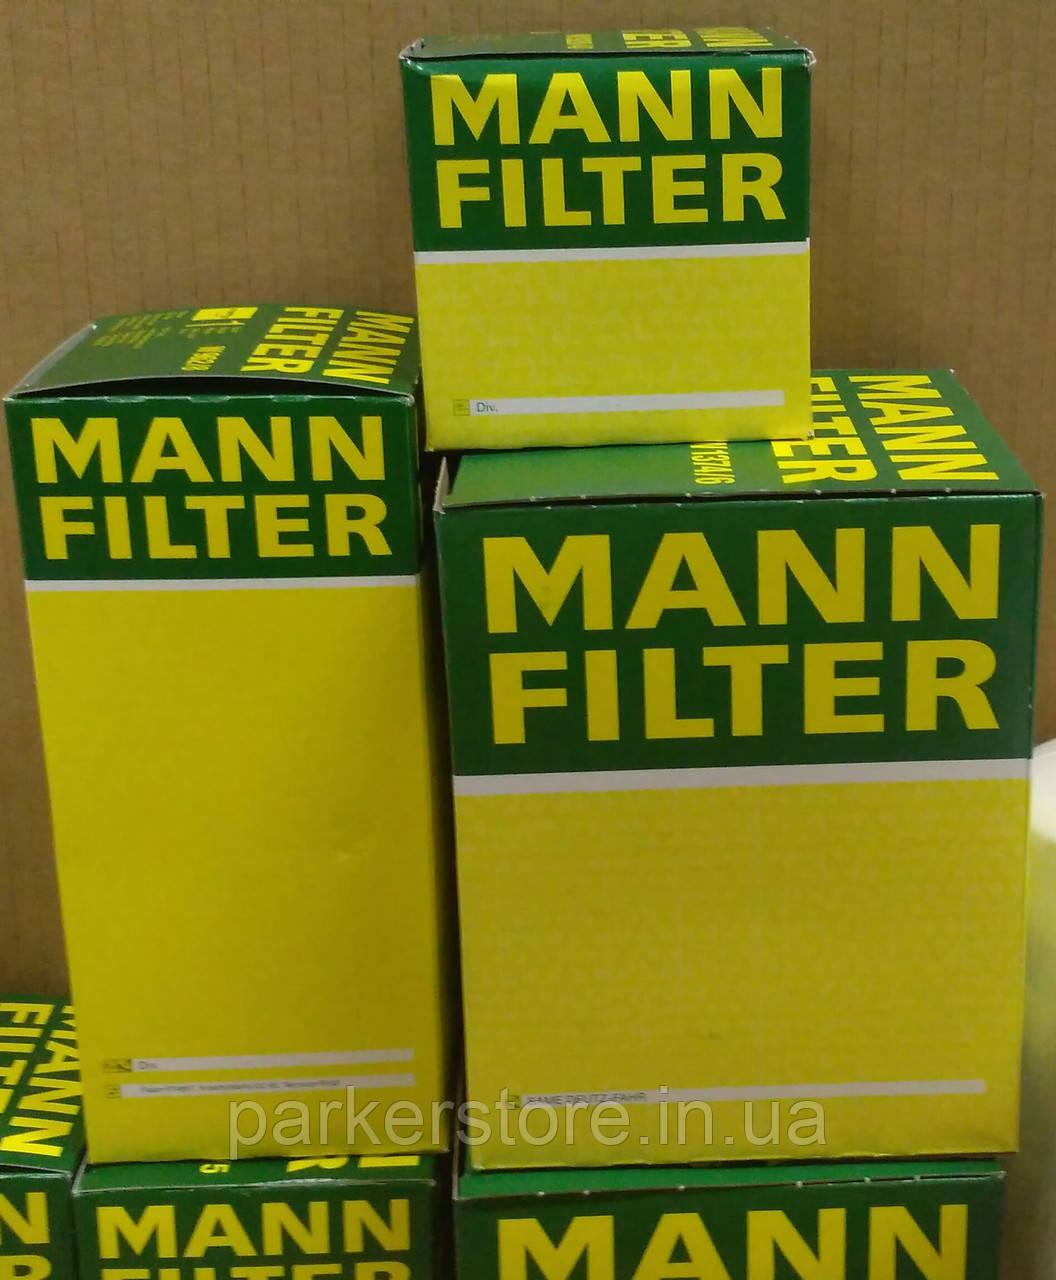 MANN FILTER / Повітряний фільтр / C 25 118 / C25118